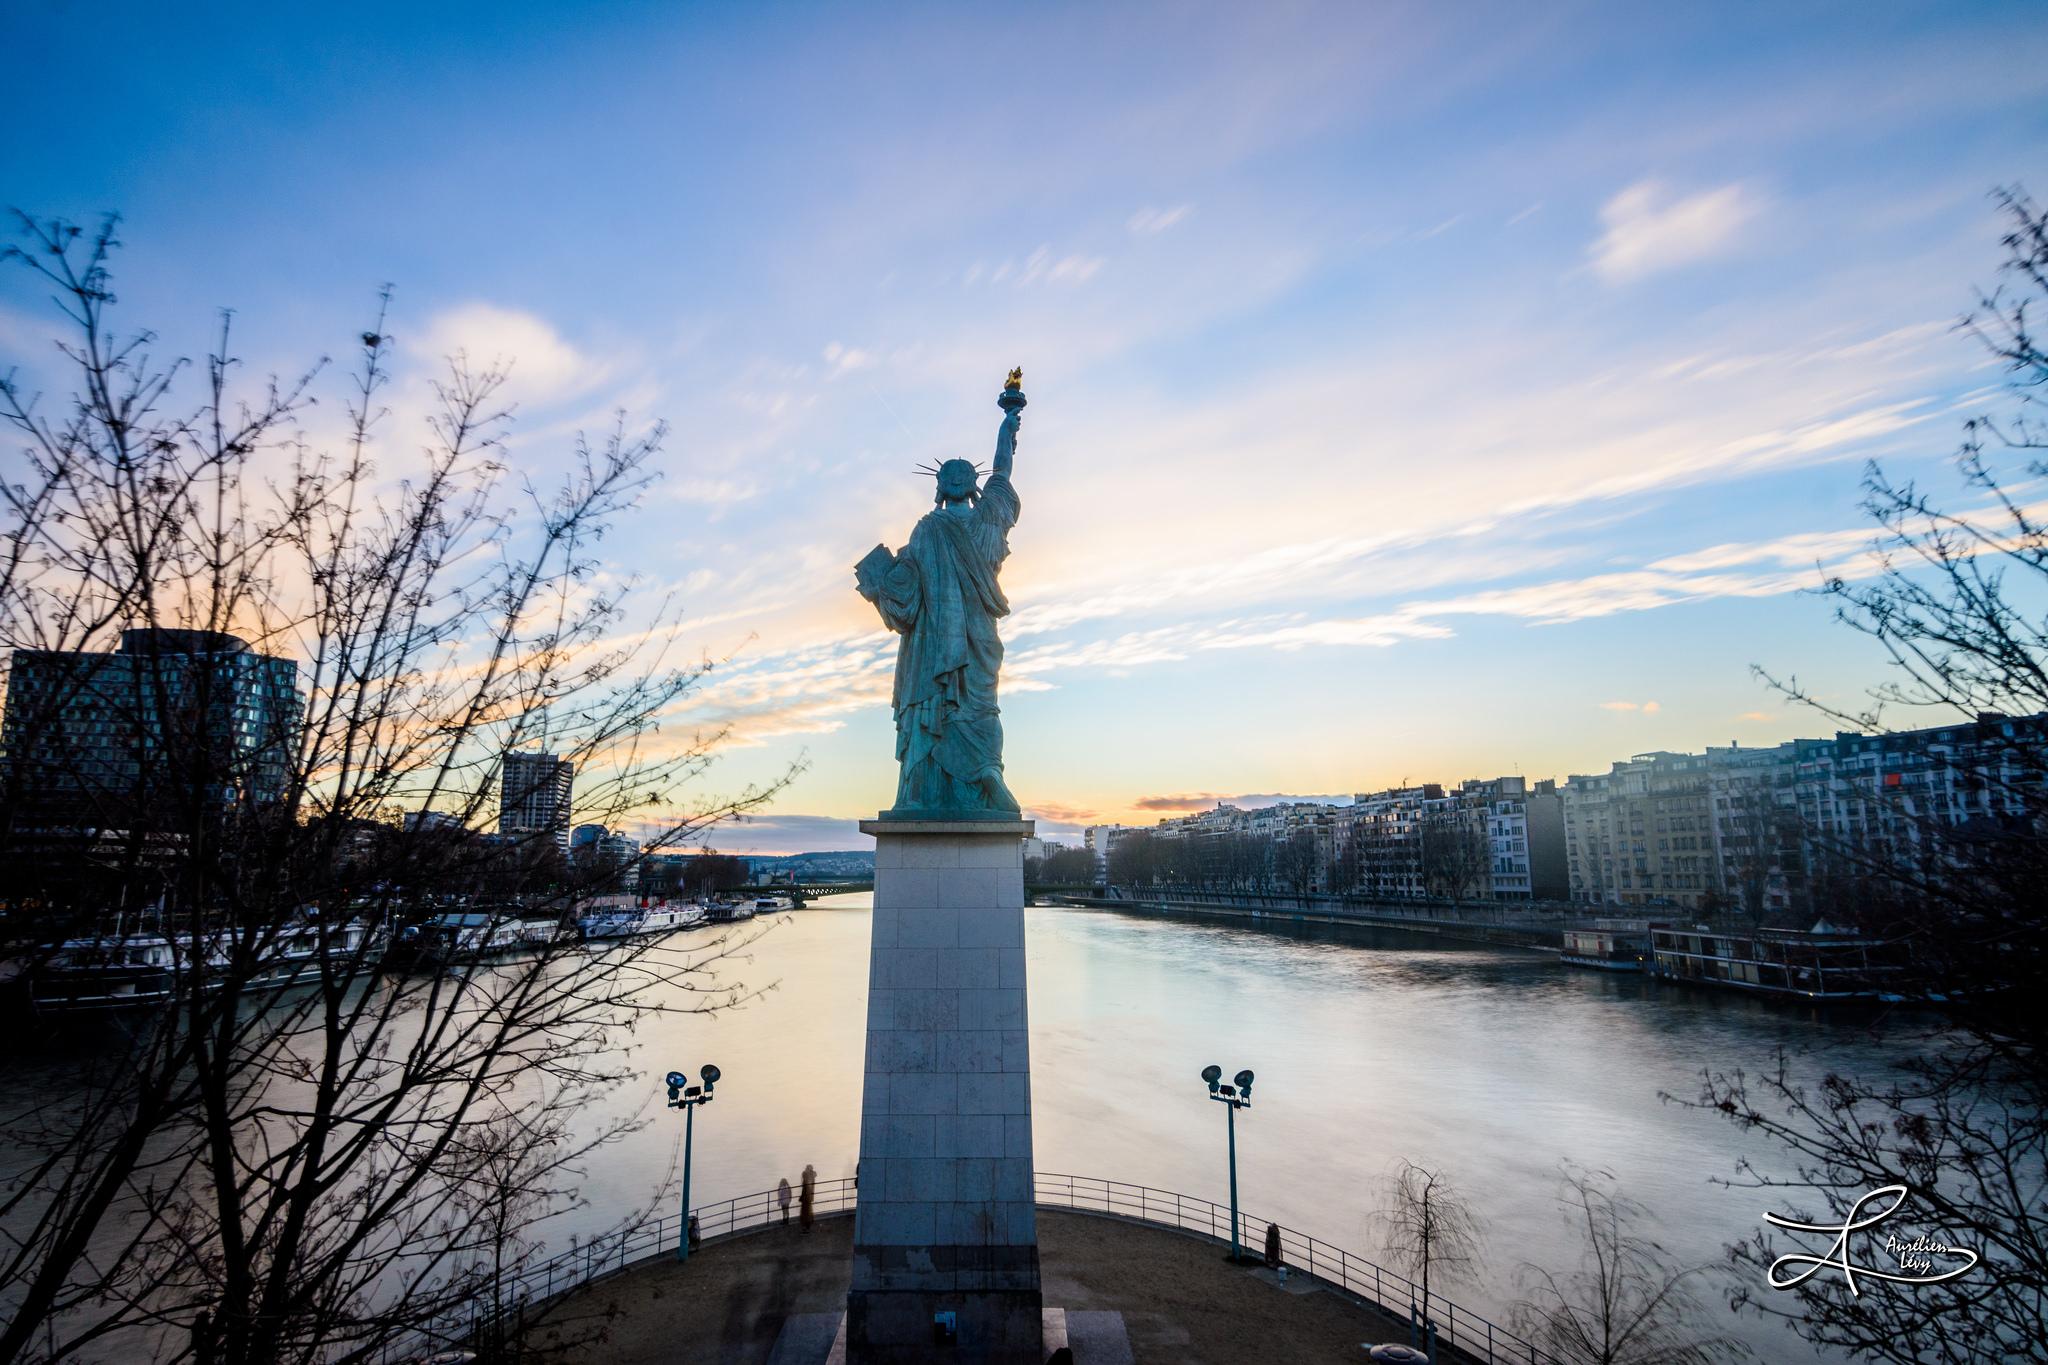 statue de la liberté - paris, France